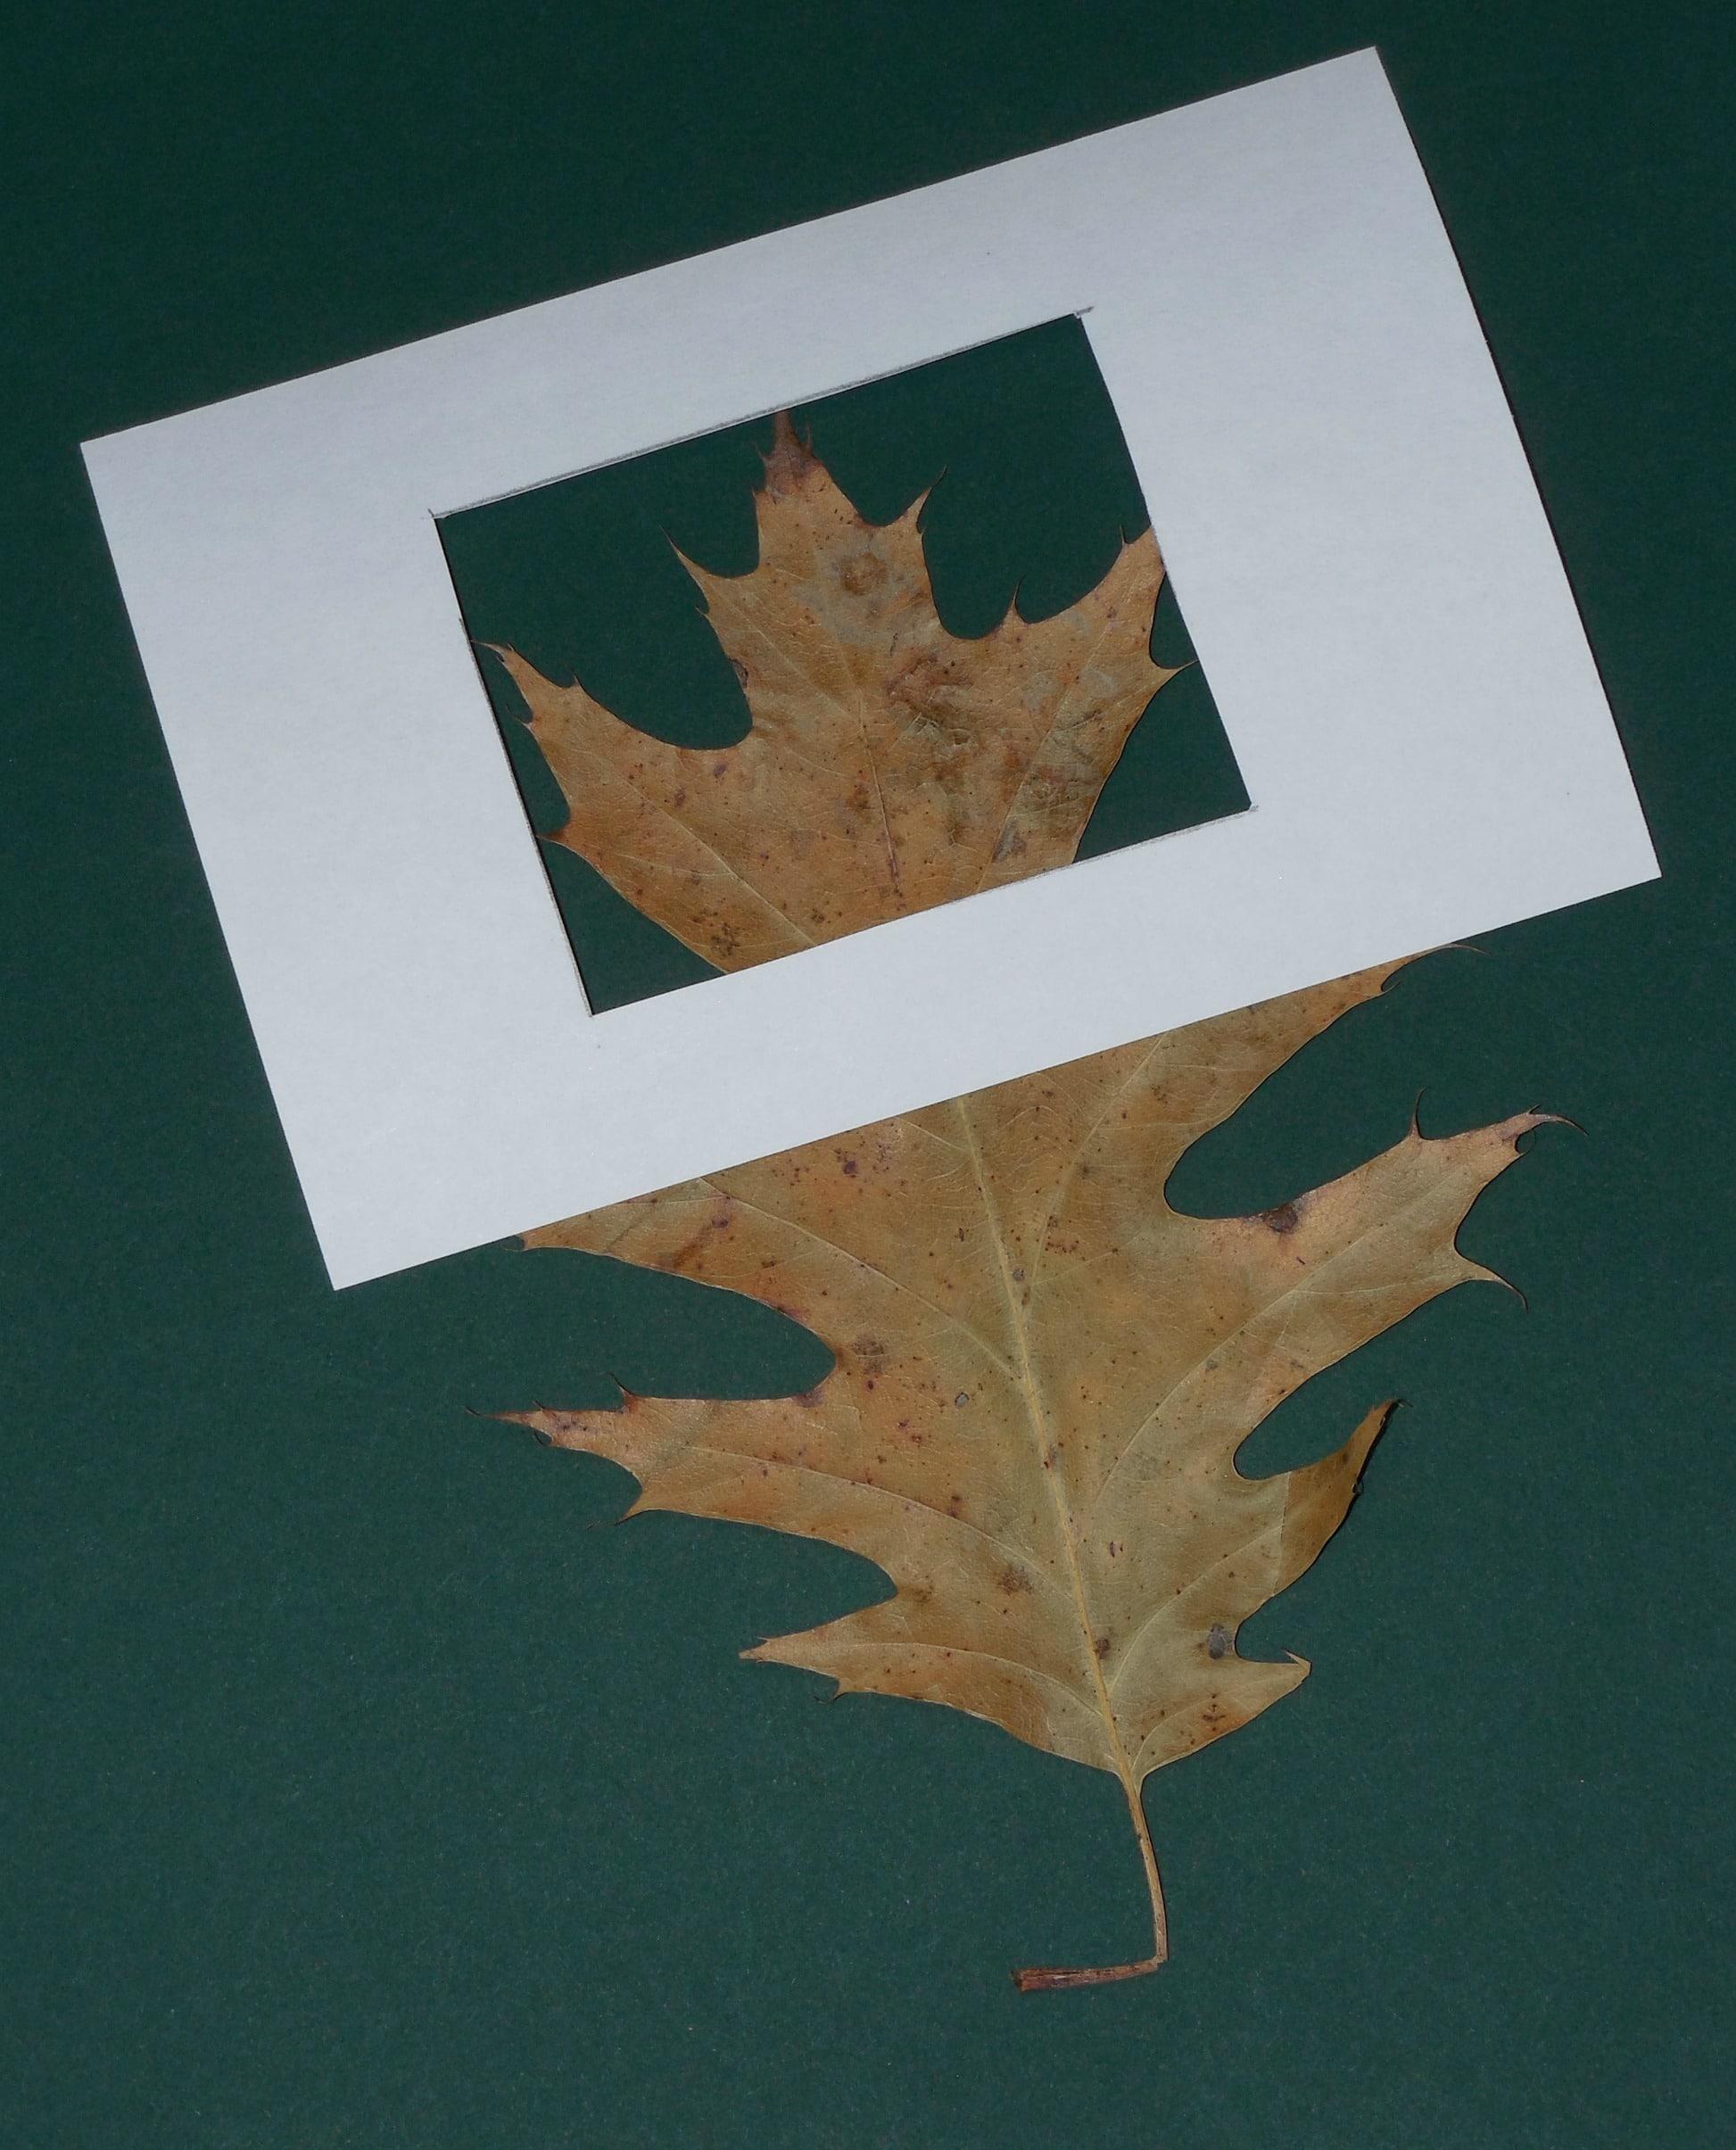 leaf-in-frame